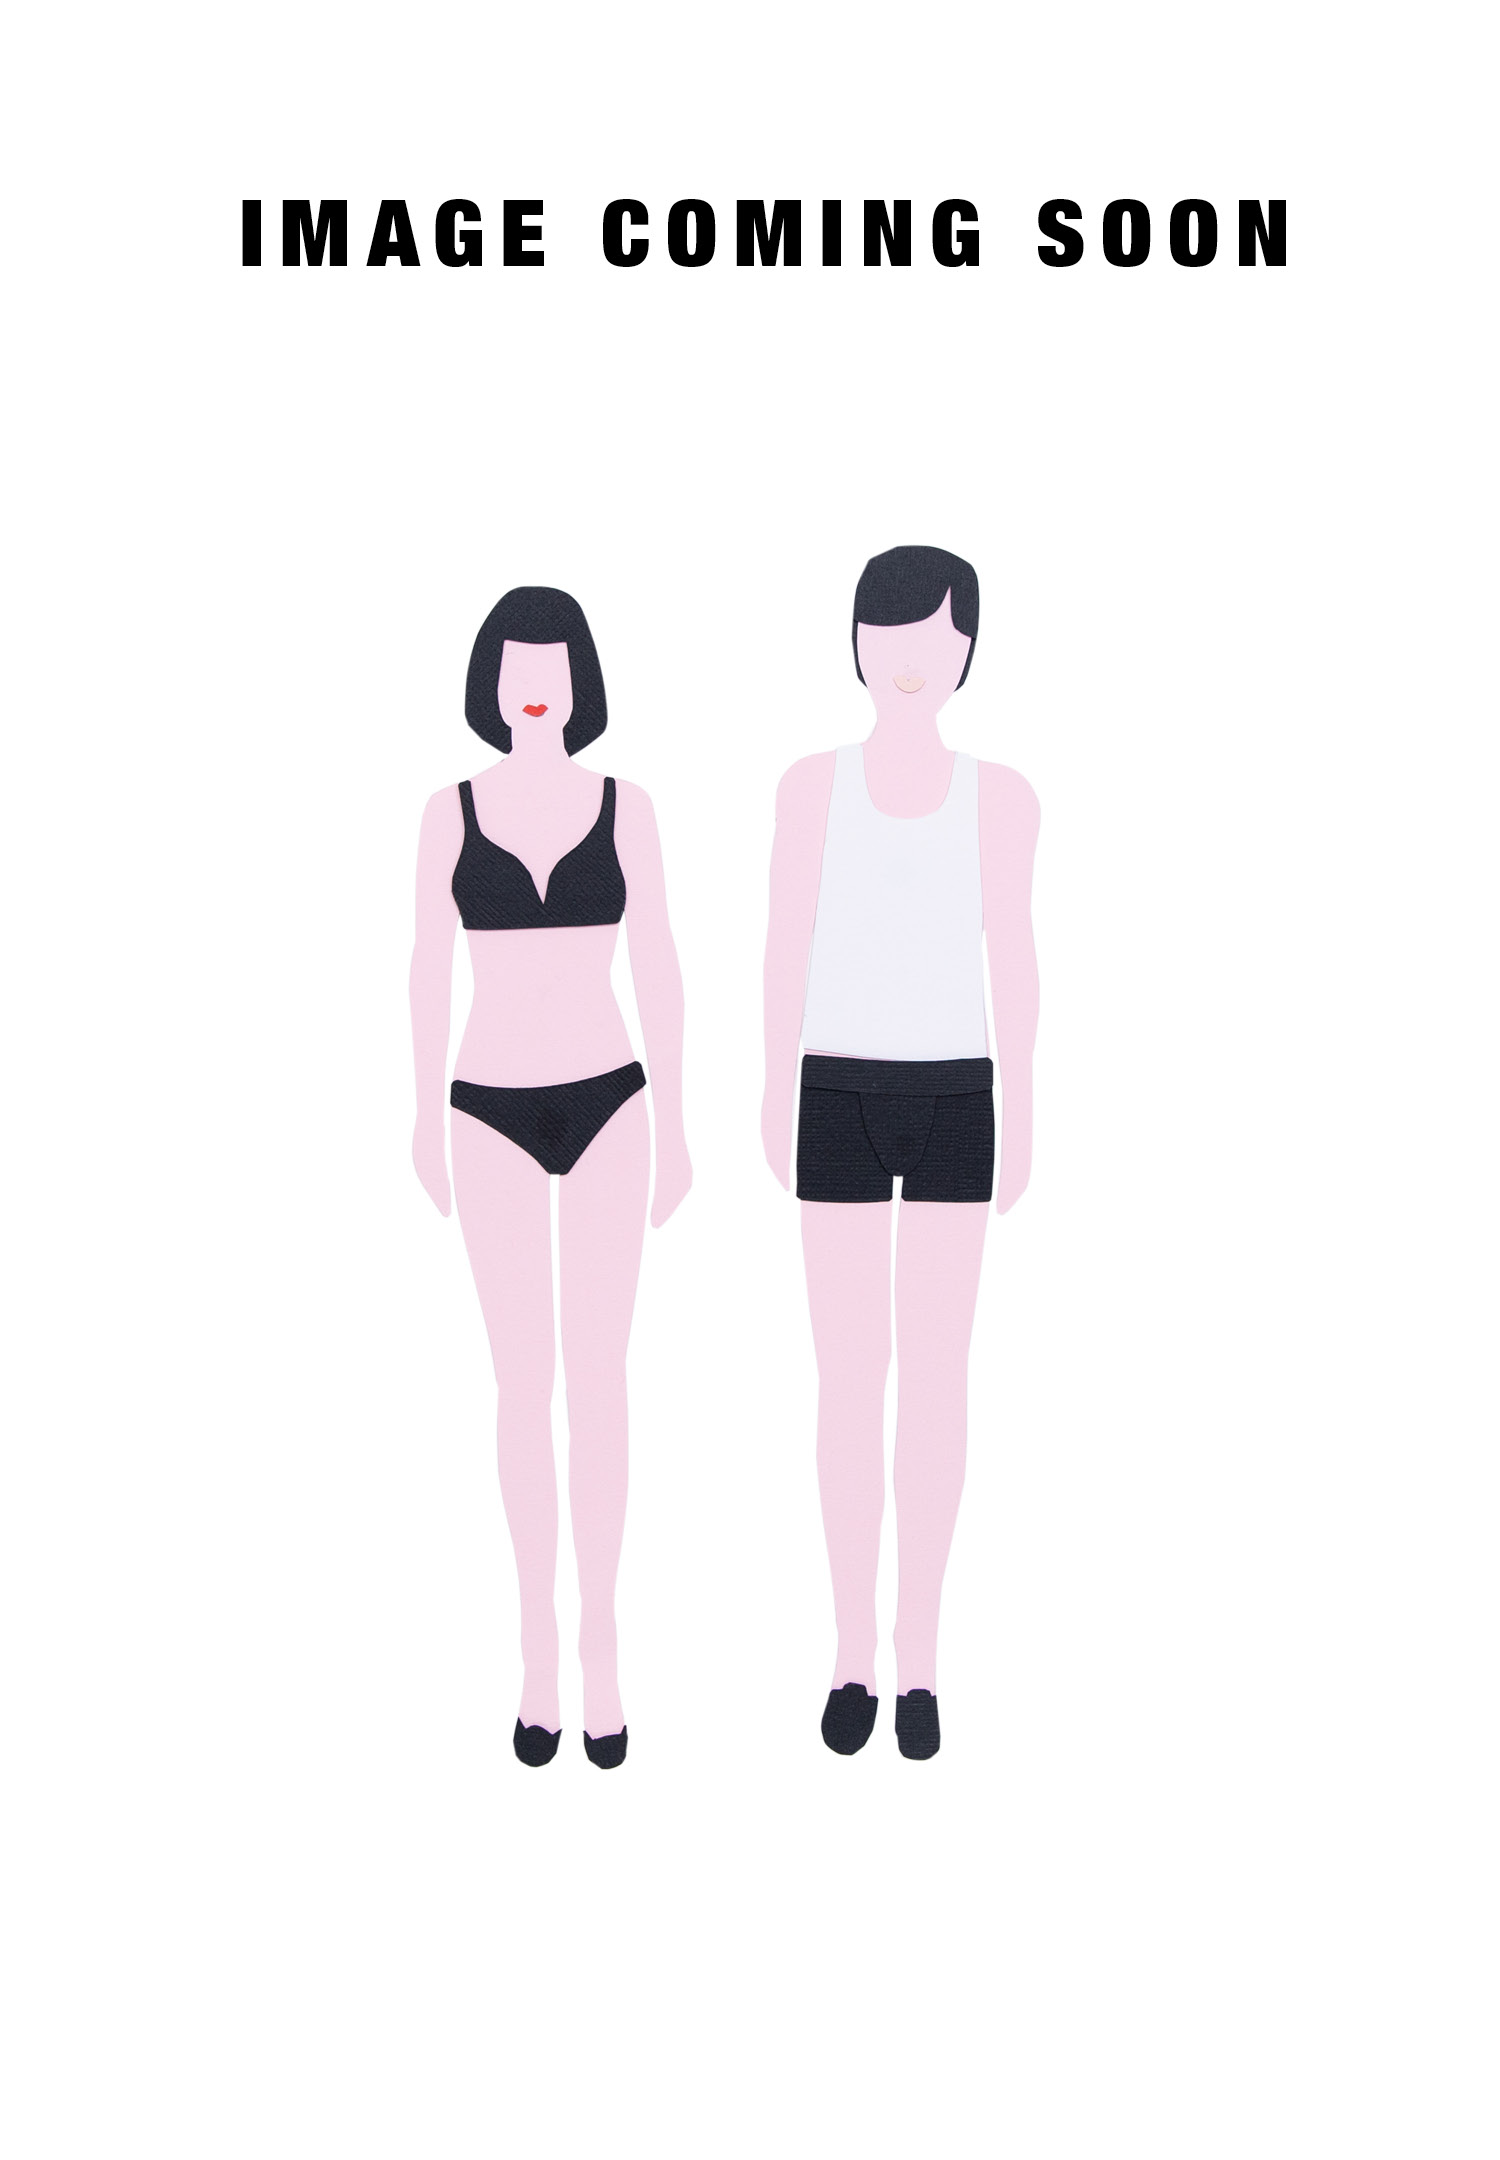 Skiny_Basic_M_Sloungewear_shorts_086832_089966_060.jpg